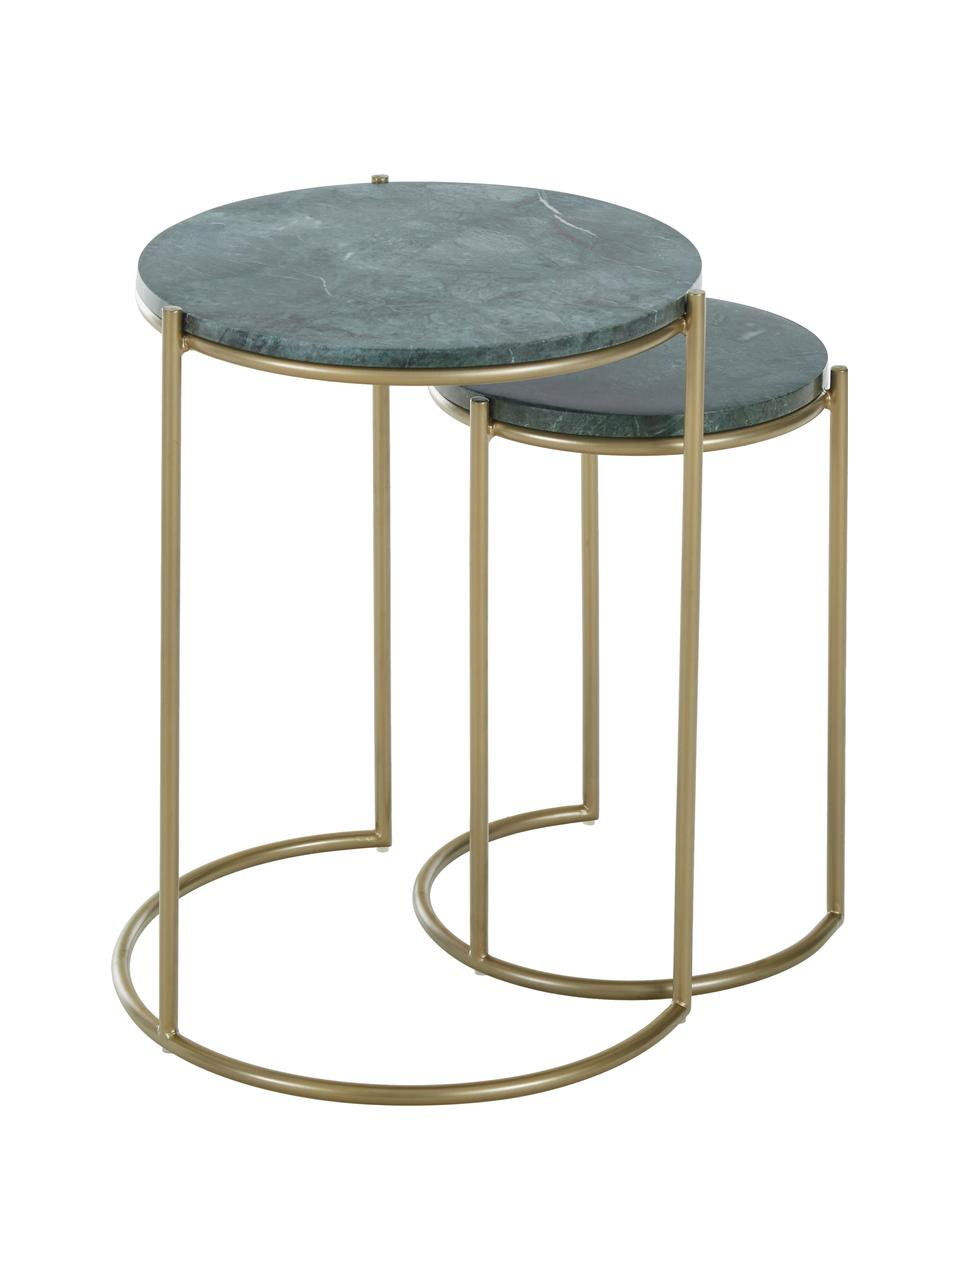 Komplet stolików pomocniczych z marmuru Ella, 2 elem., Zielony marmur, odcienie złotego, Komplet z różnymi rozmiarami